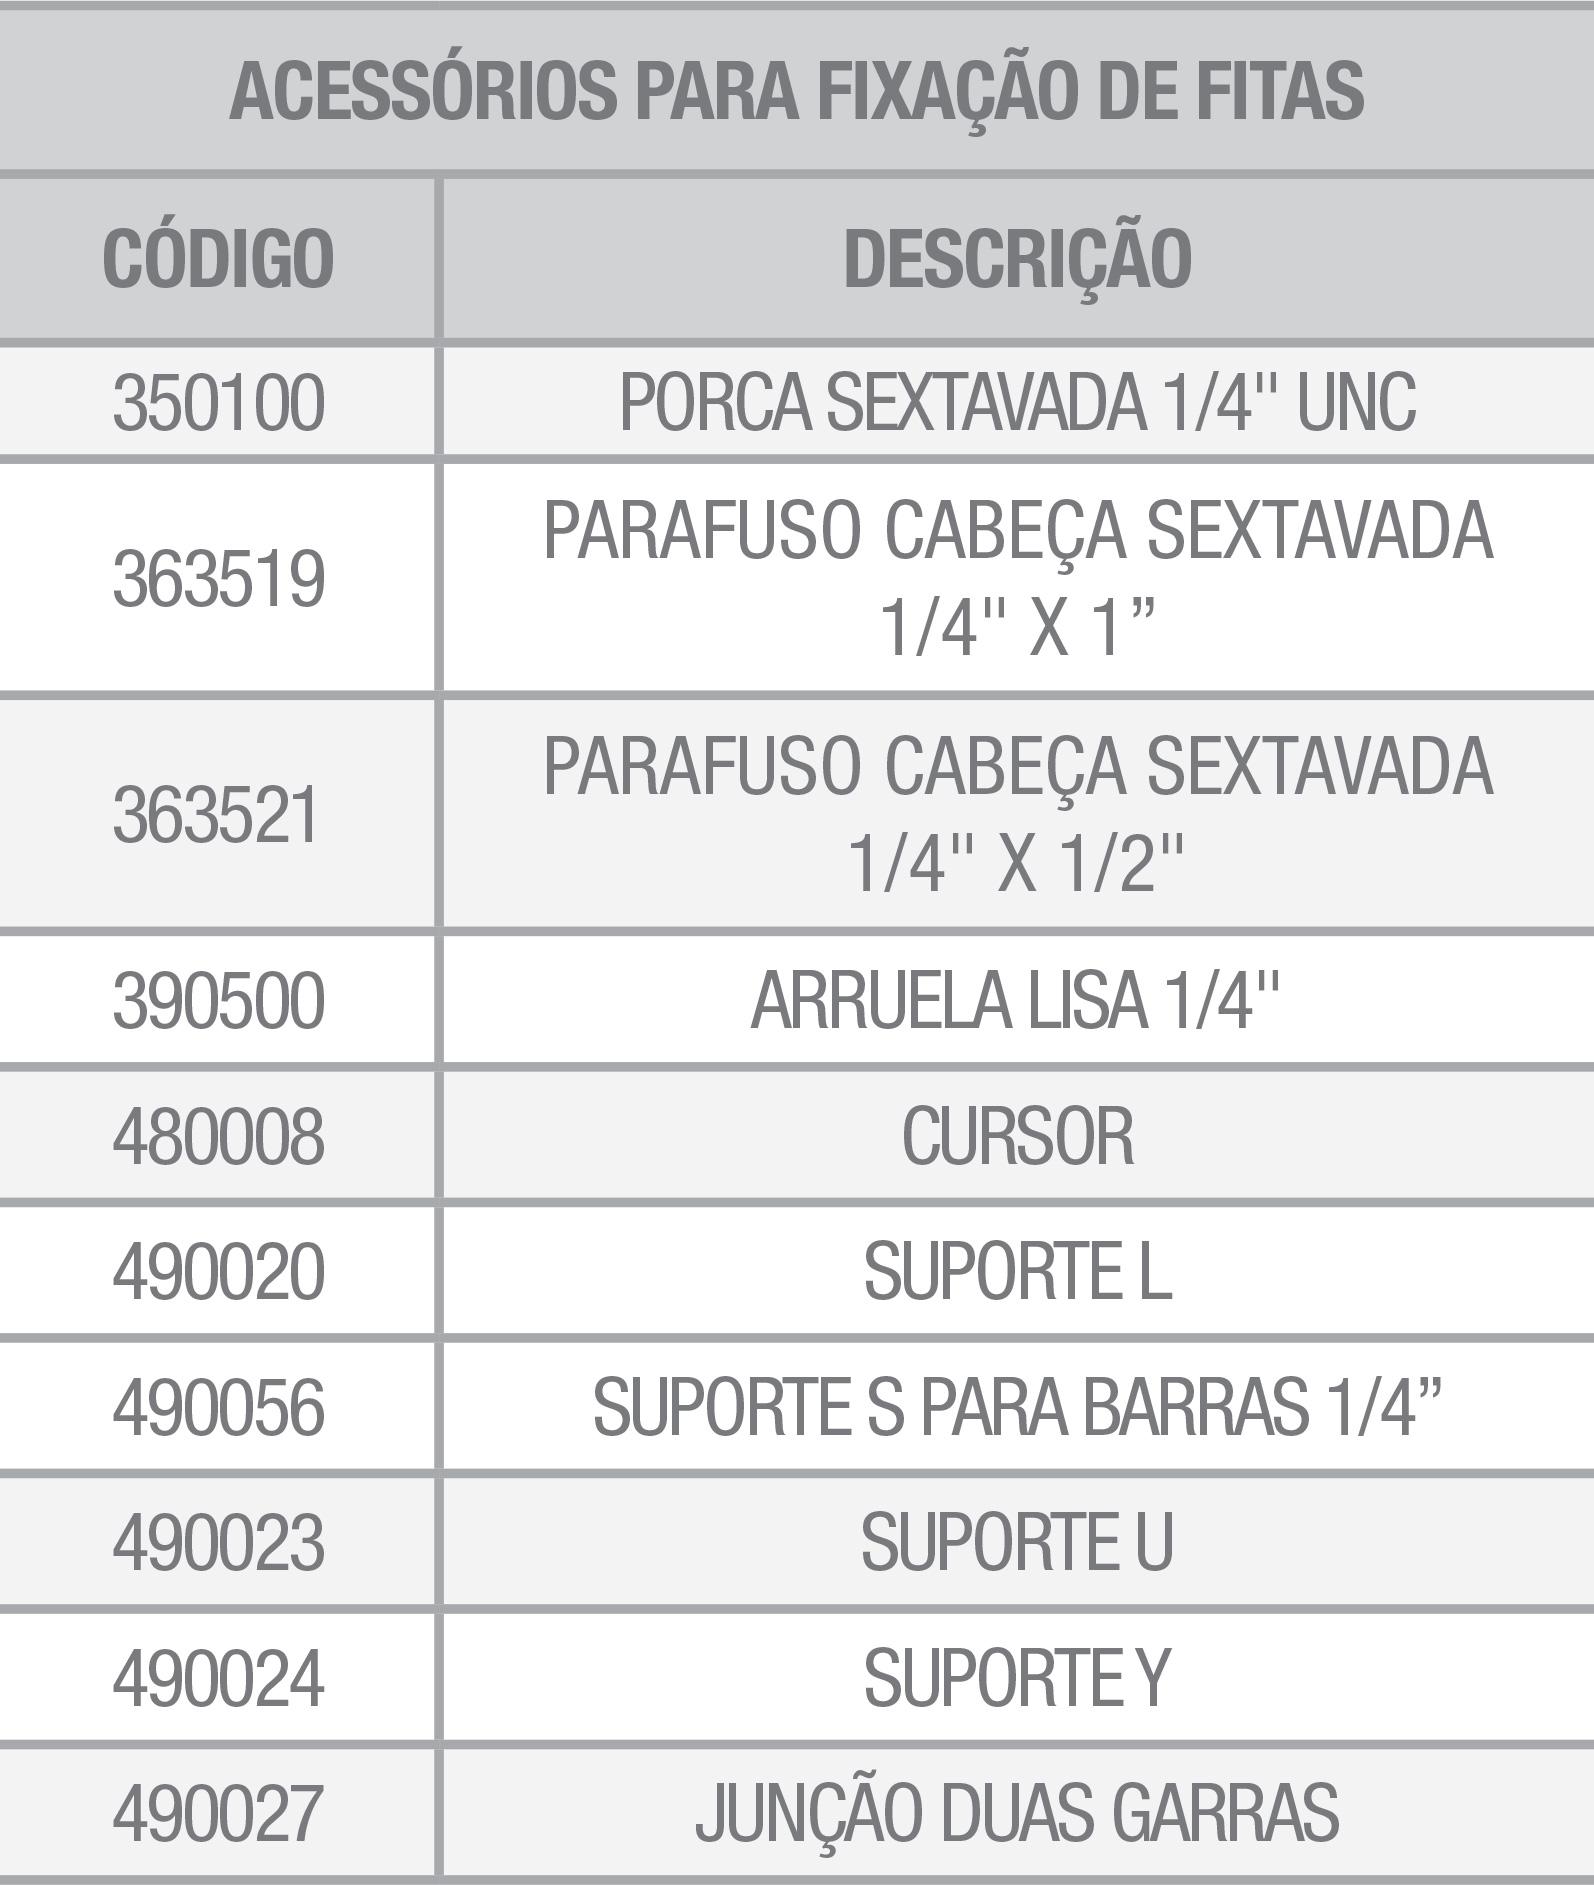 tabela_acessorios_suspensao